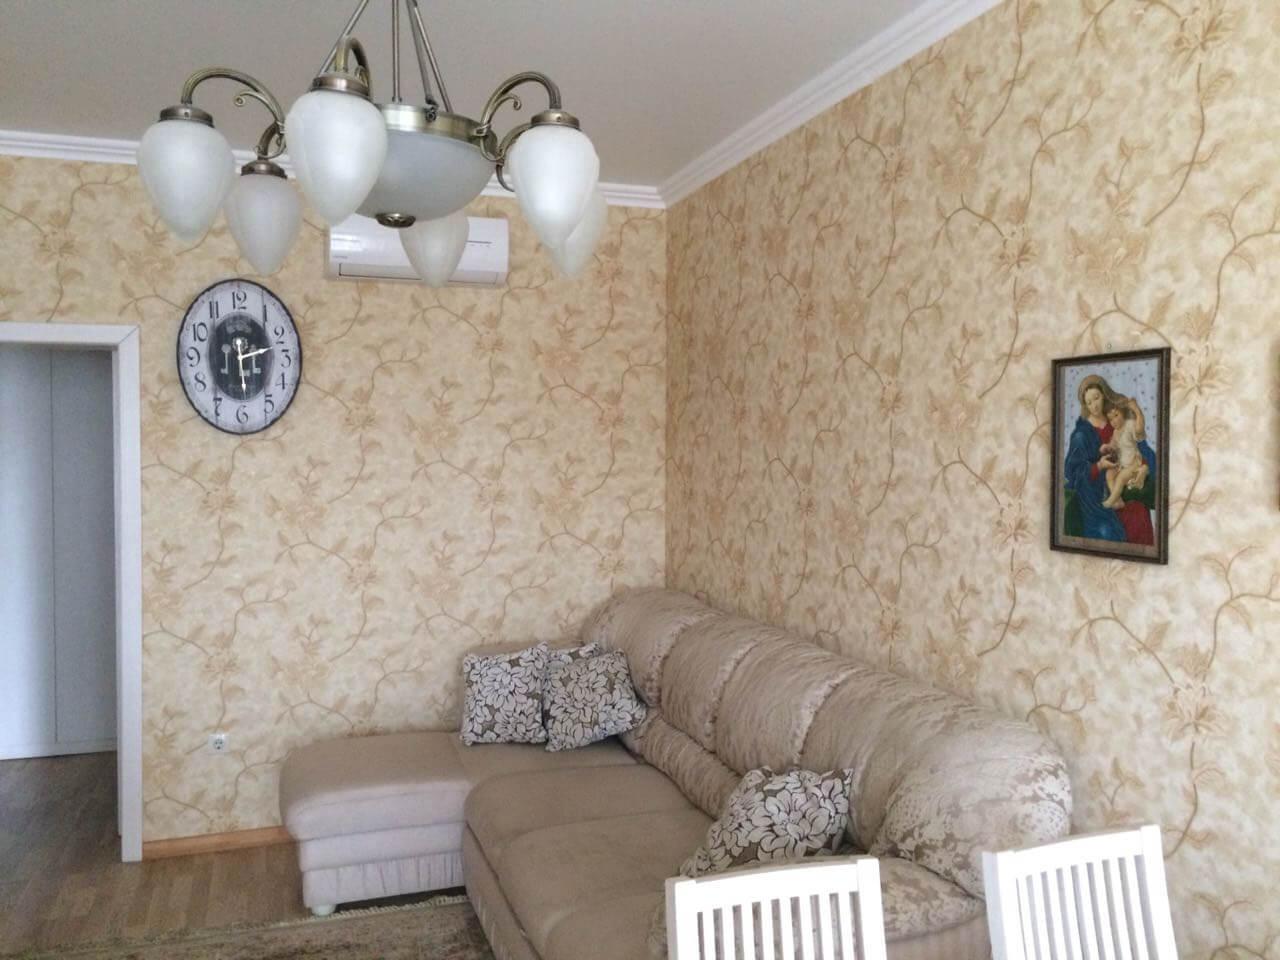 Продажа 3-х комнатной квартиры по ул. Первомайской, 5 (114 м²)